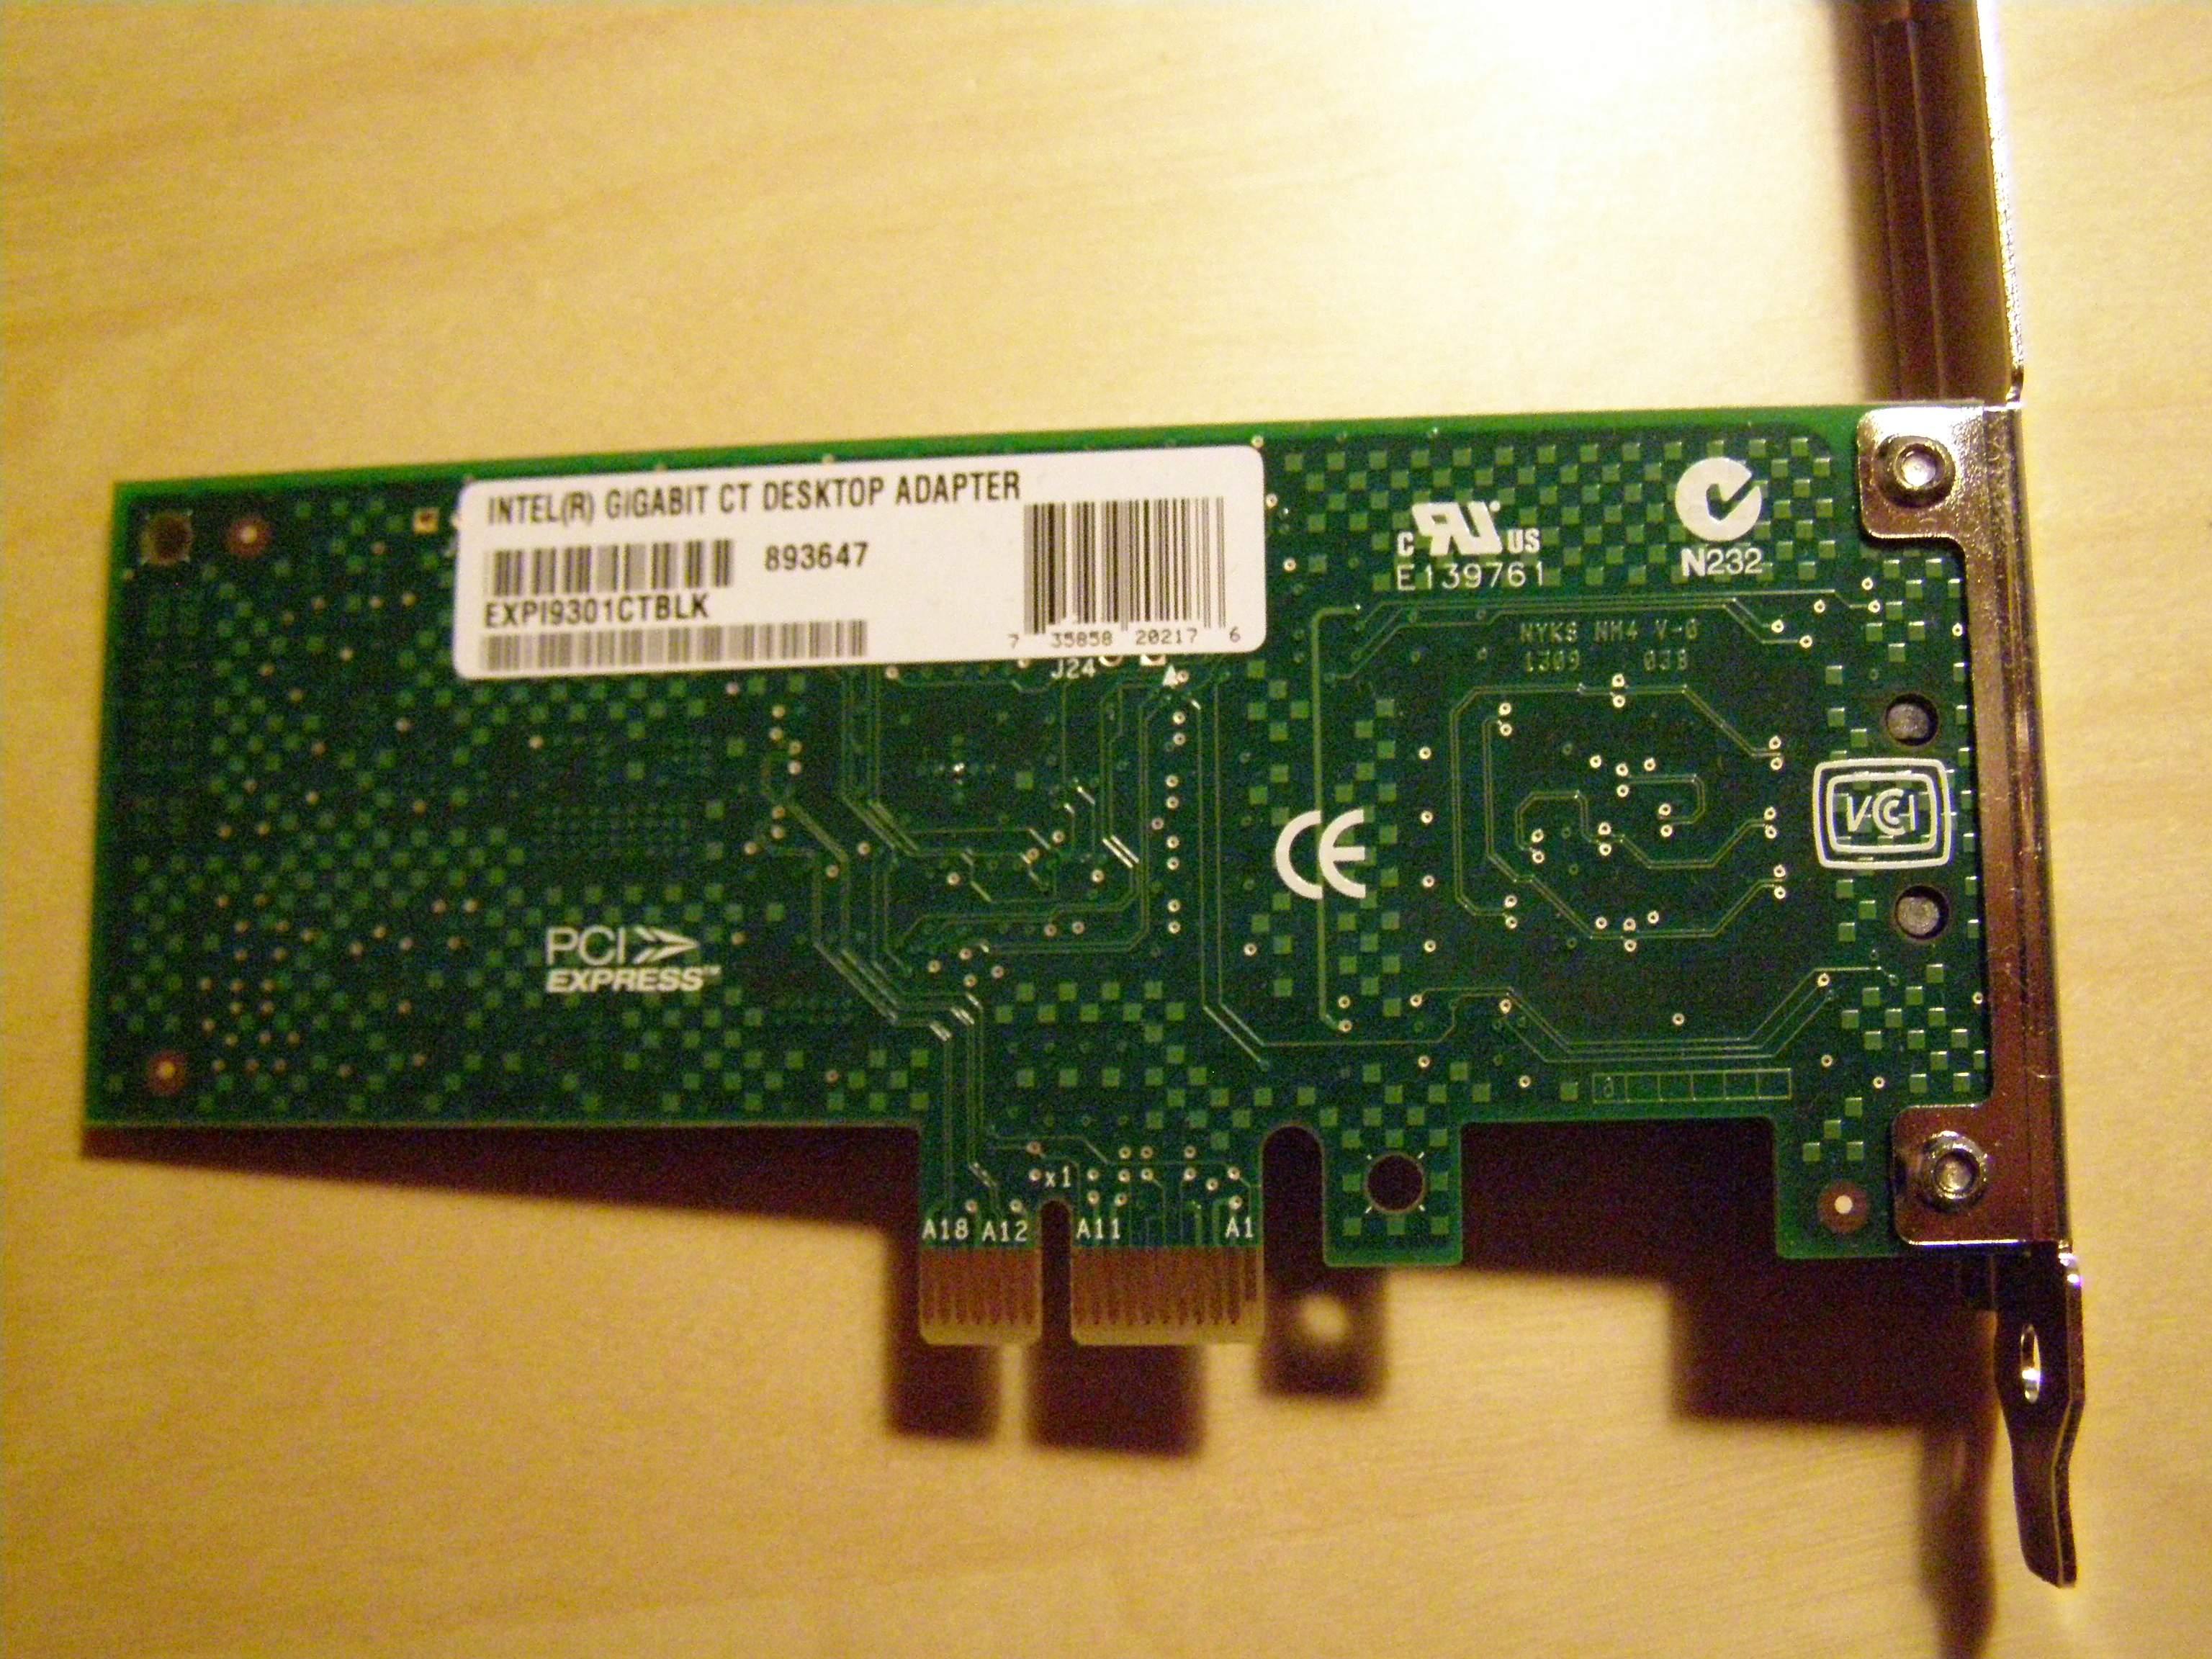 Download INTEL 82545EM Gigabit Ethernet Controller Drivers